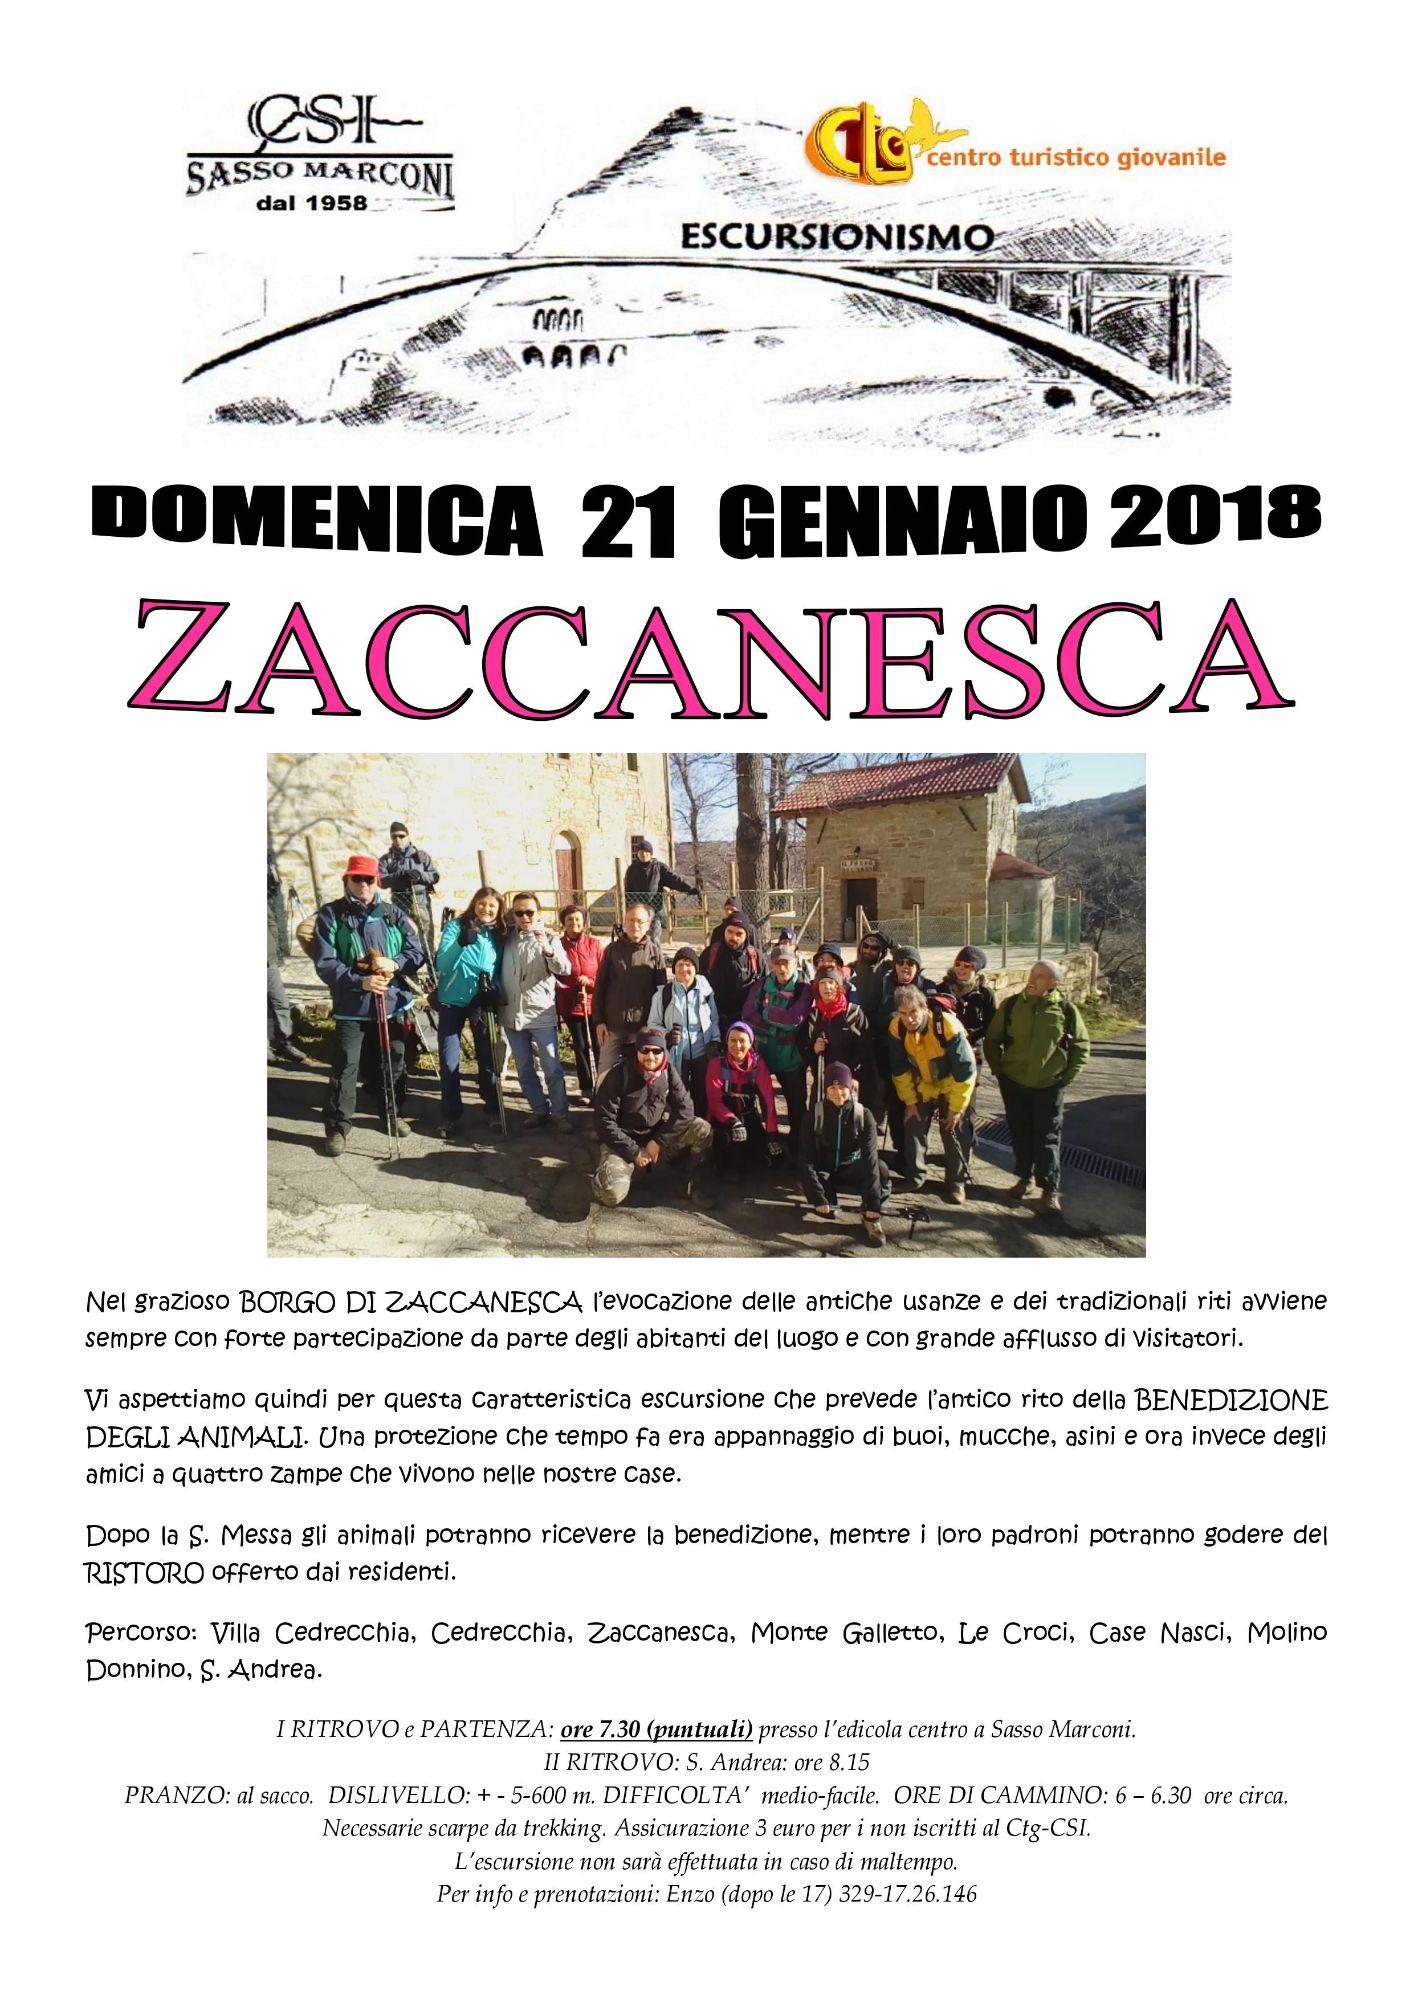 Zaccanesca